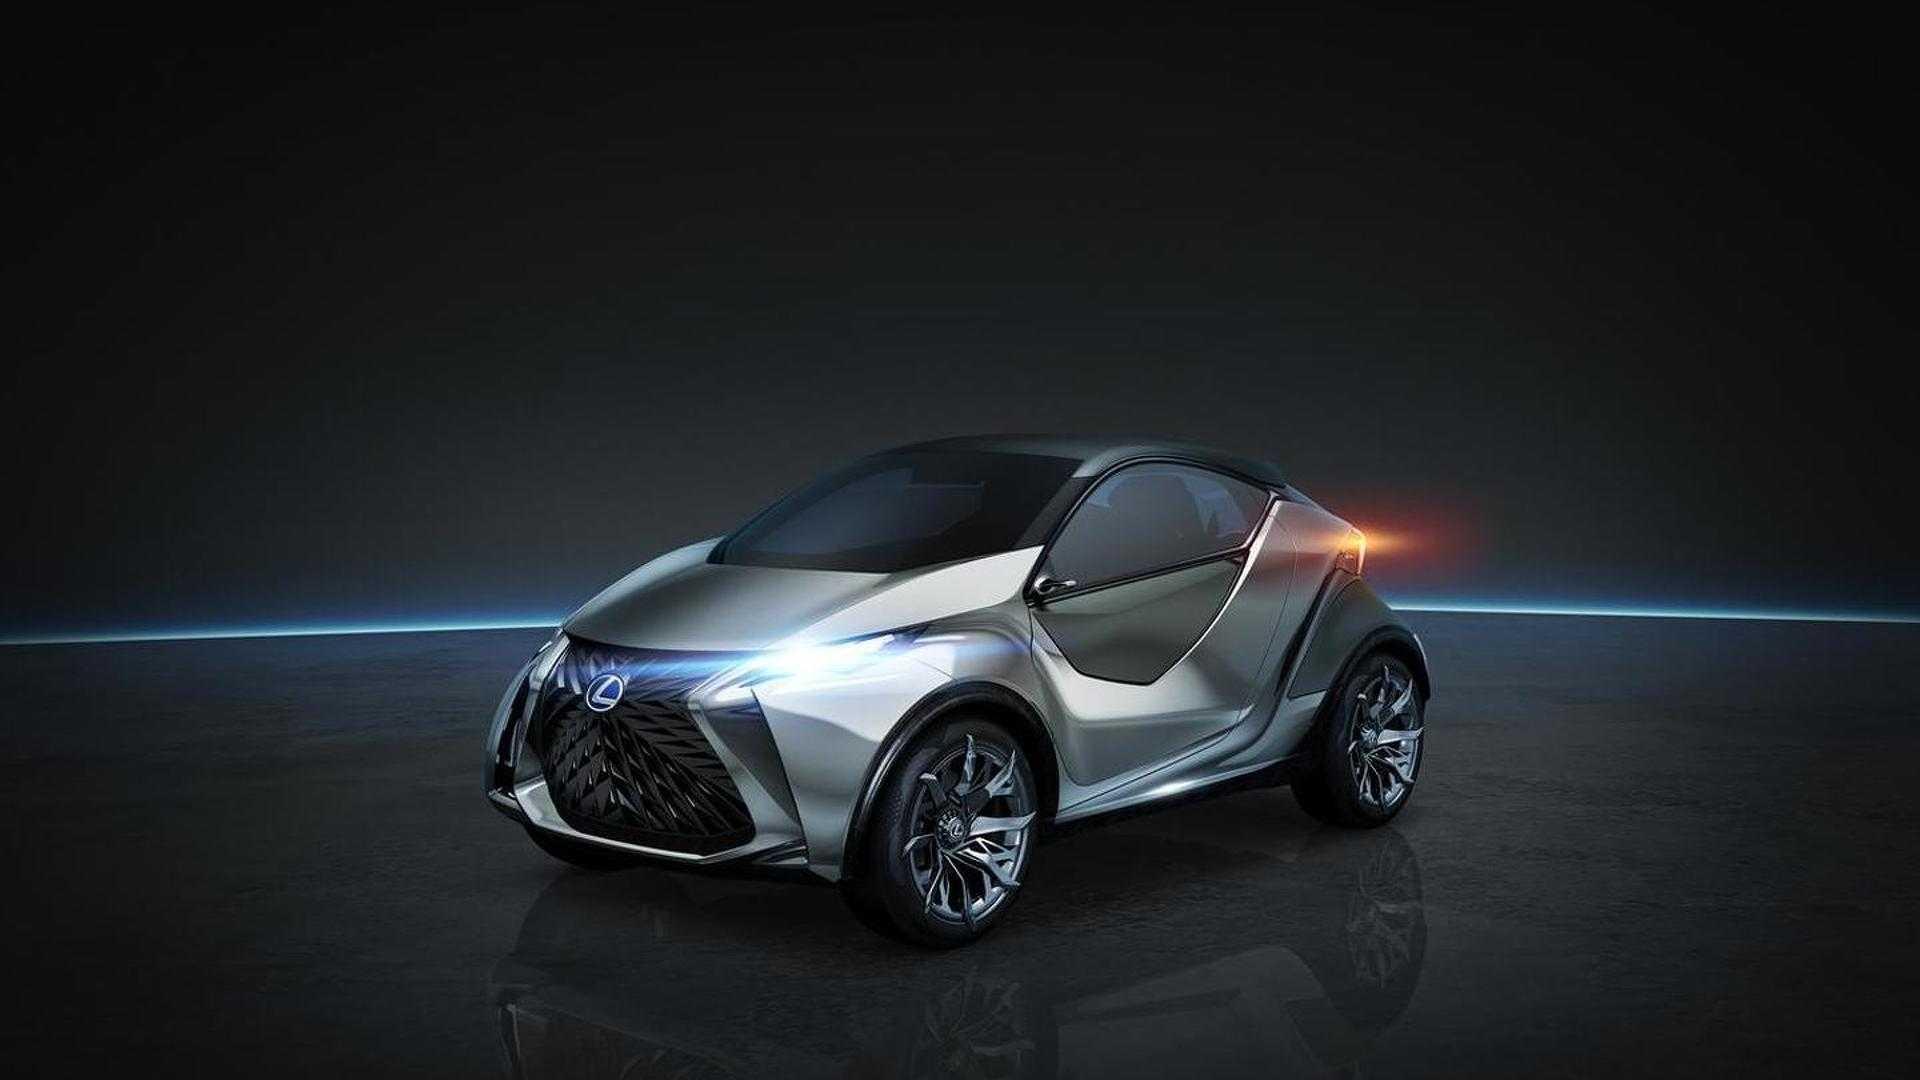 Мировые концерны автопроизводителей начали массово анонсировать выпуск электромобилей - эксперт по топливу